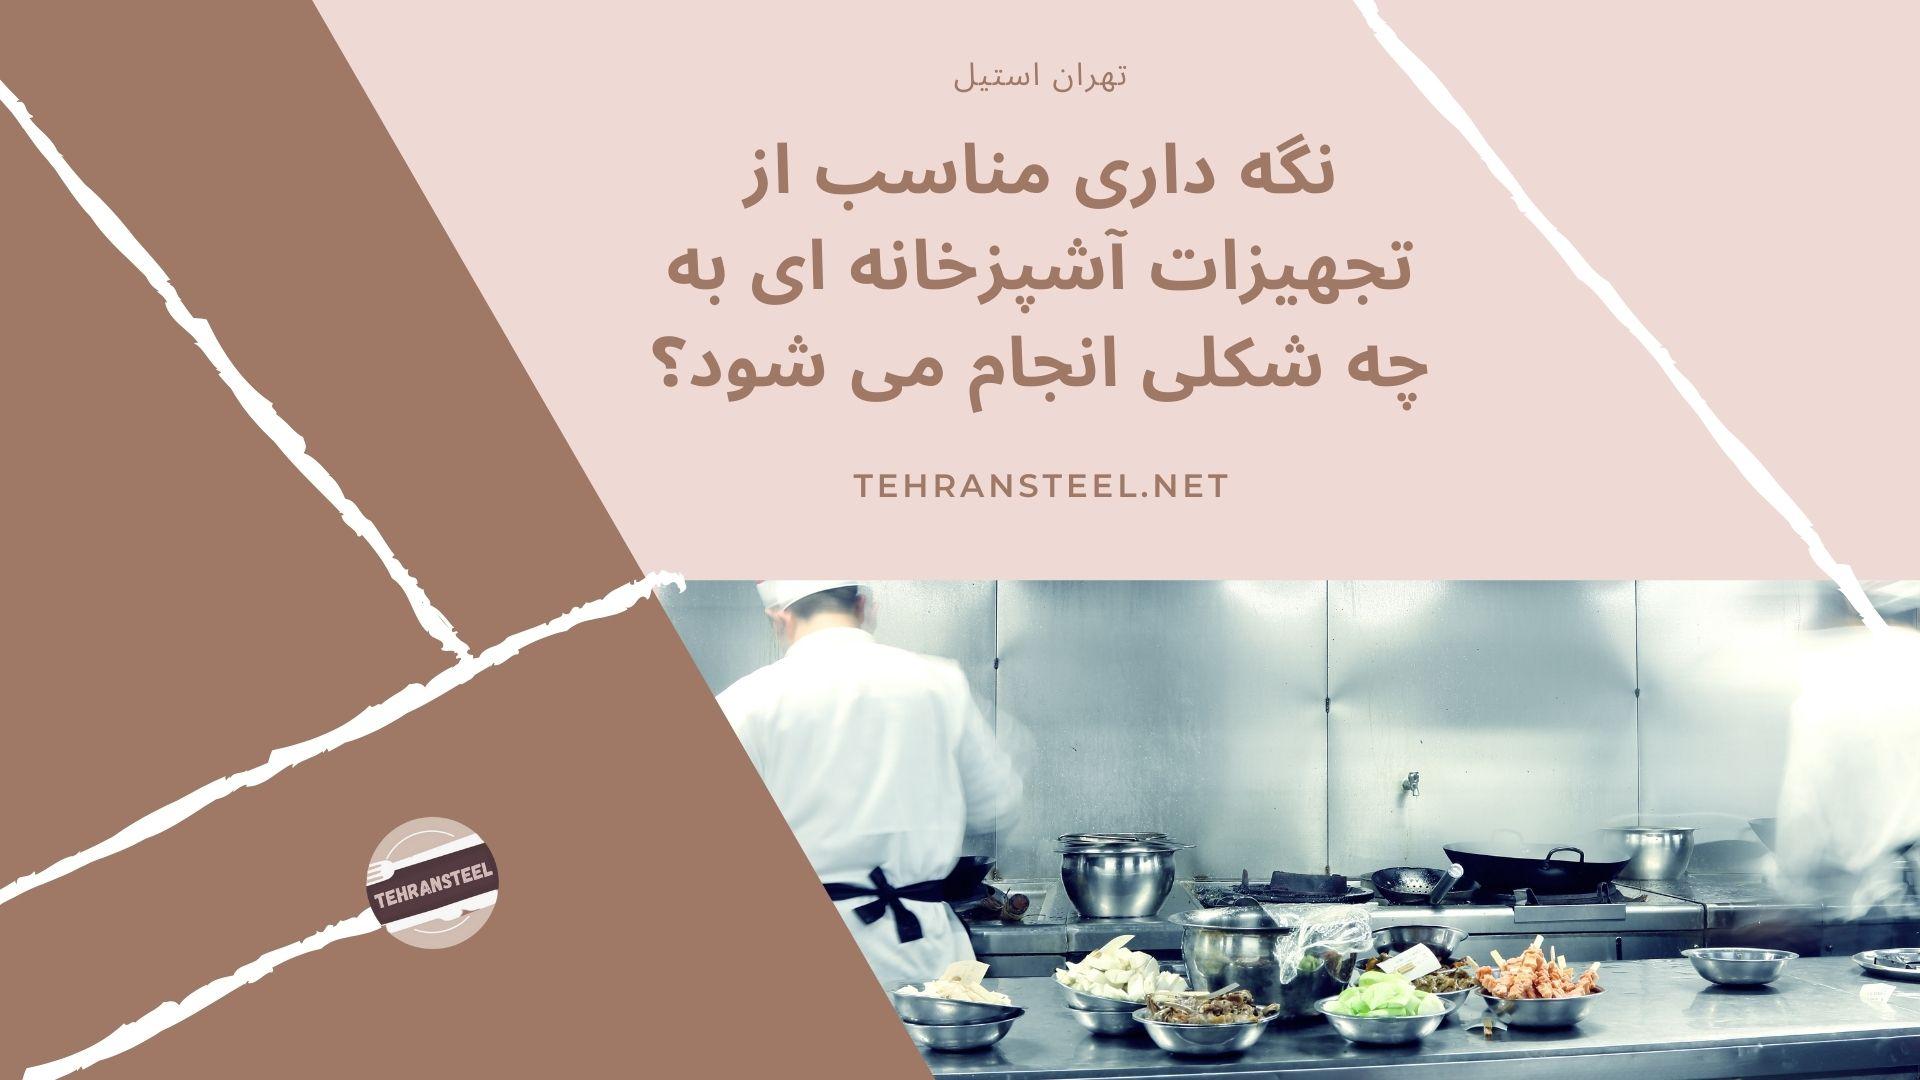 نگه داری مناسب از تجهیزات آشپزخانه ای به چه شکلی انجام می شود؟